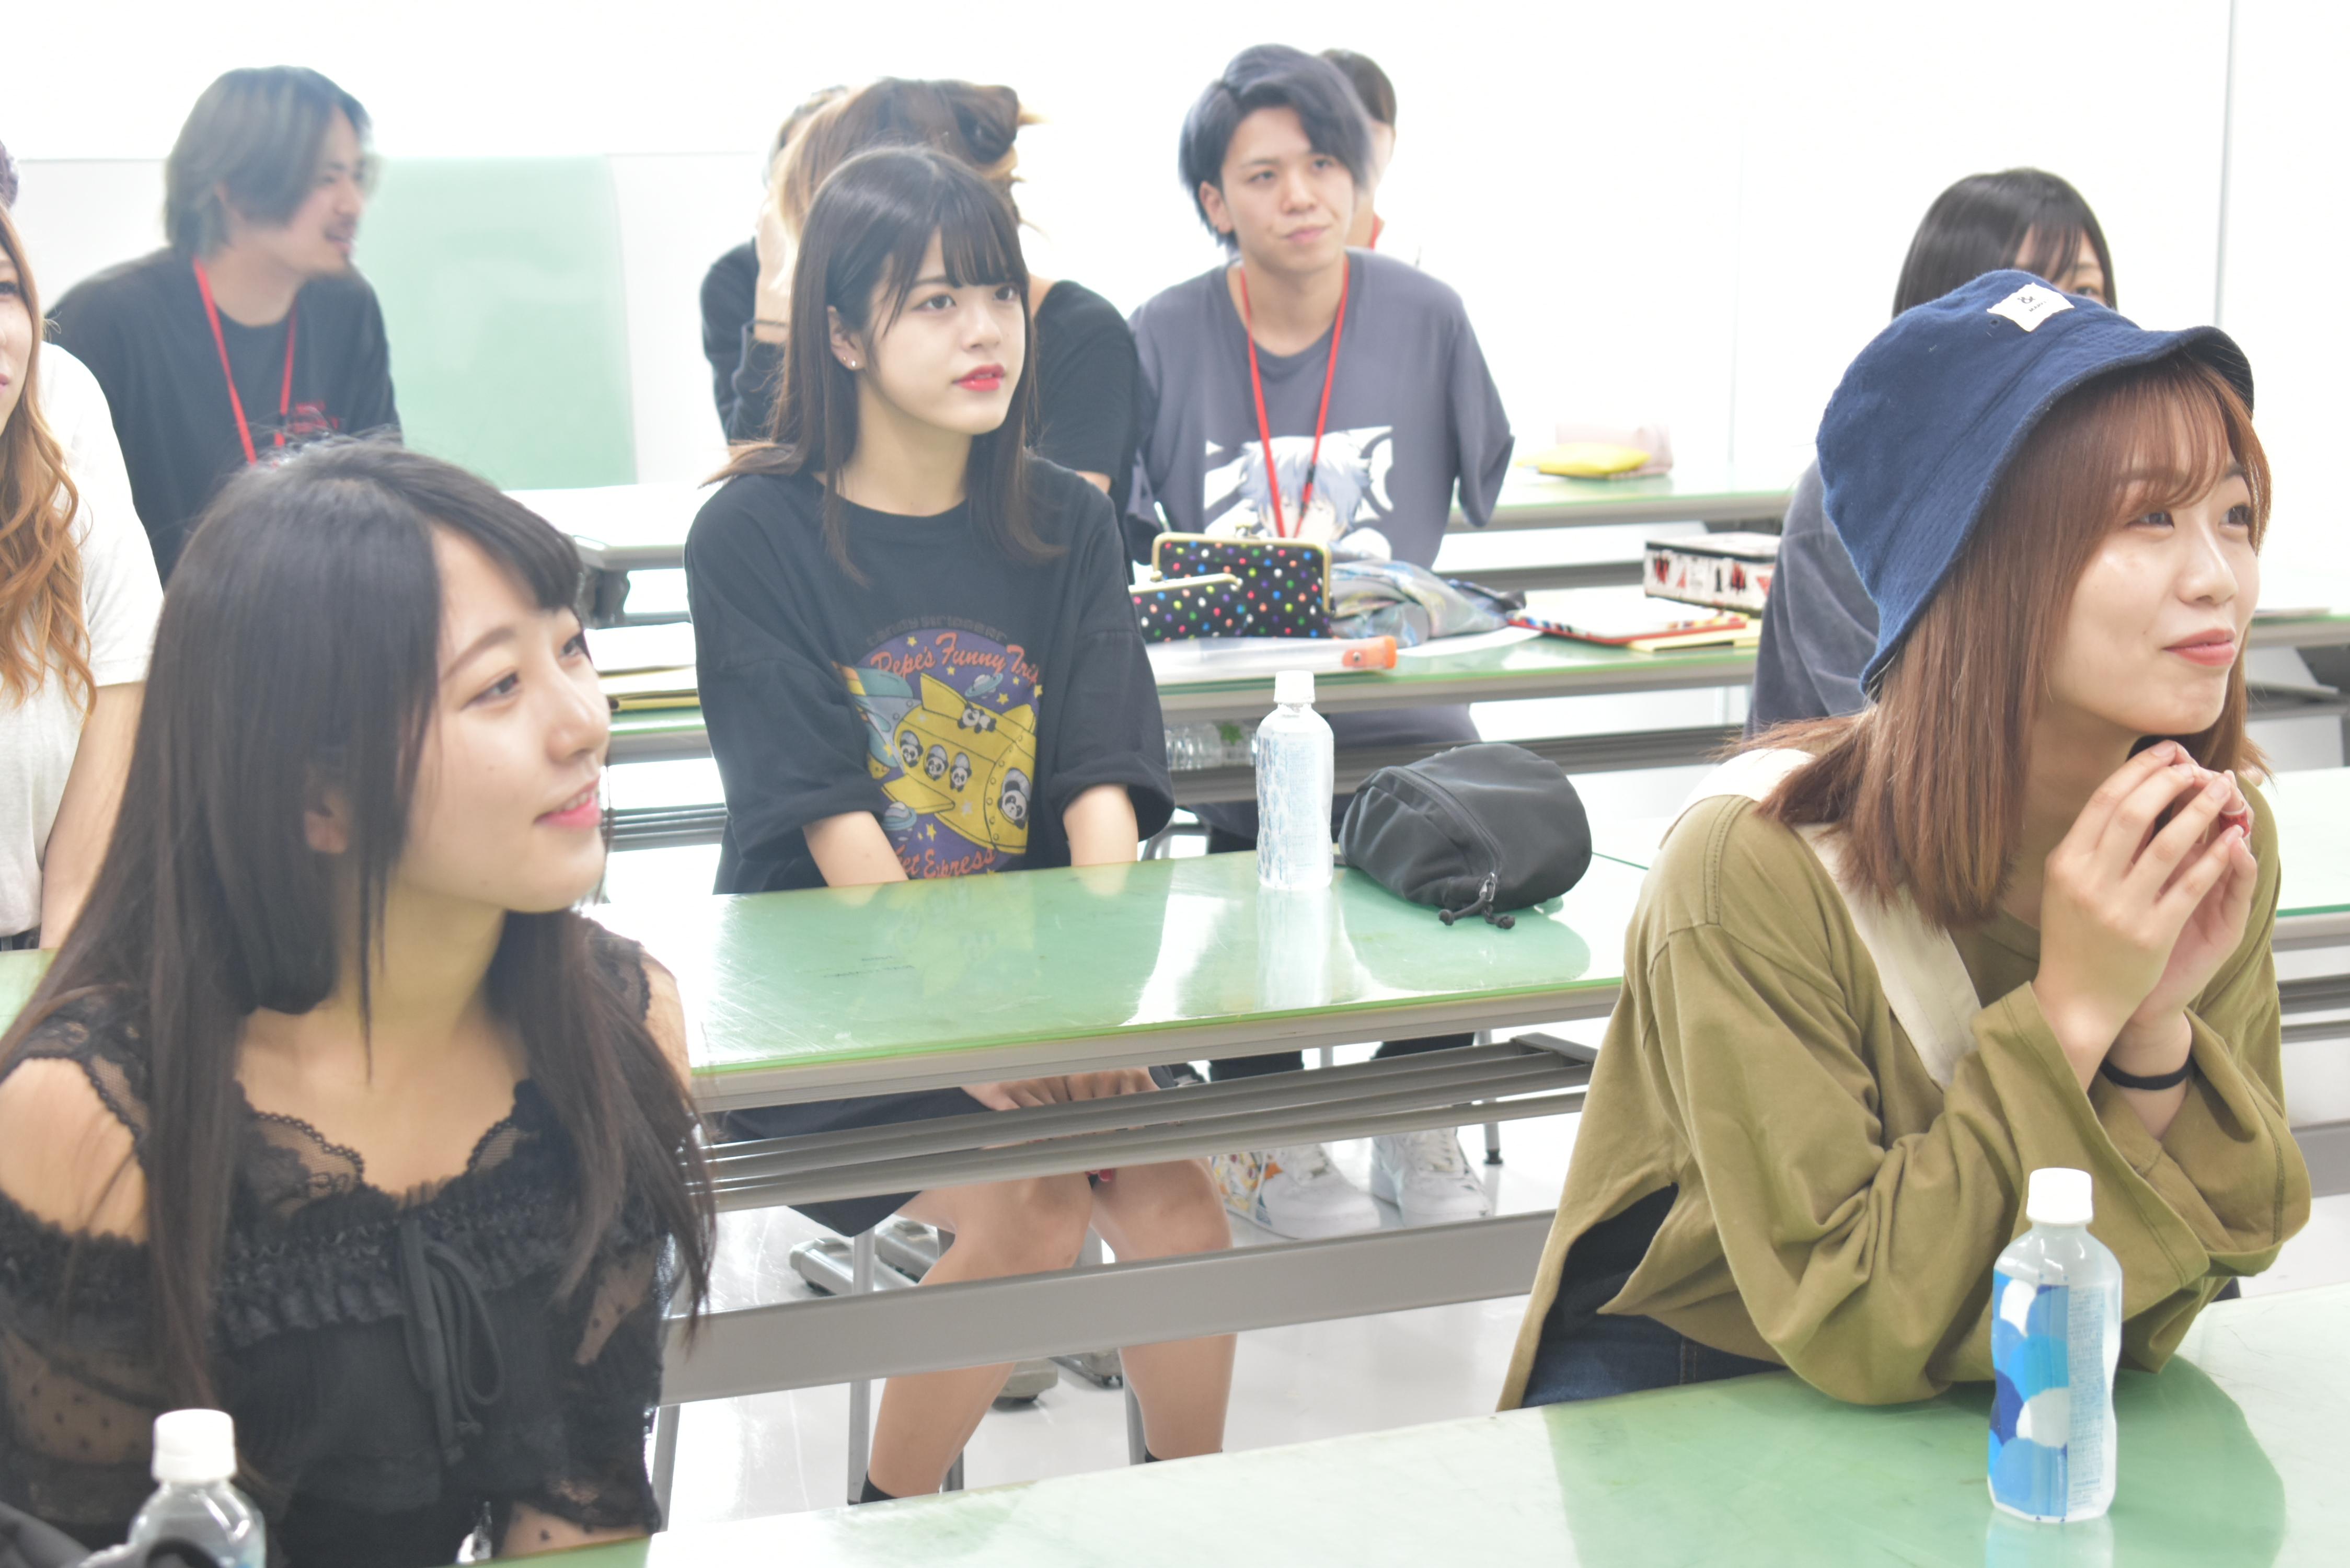 福岡発!アイドルユニット「くるーず」衣装製作♪